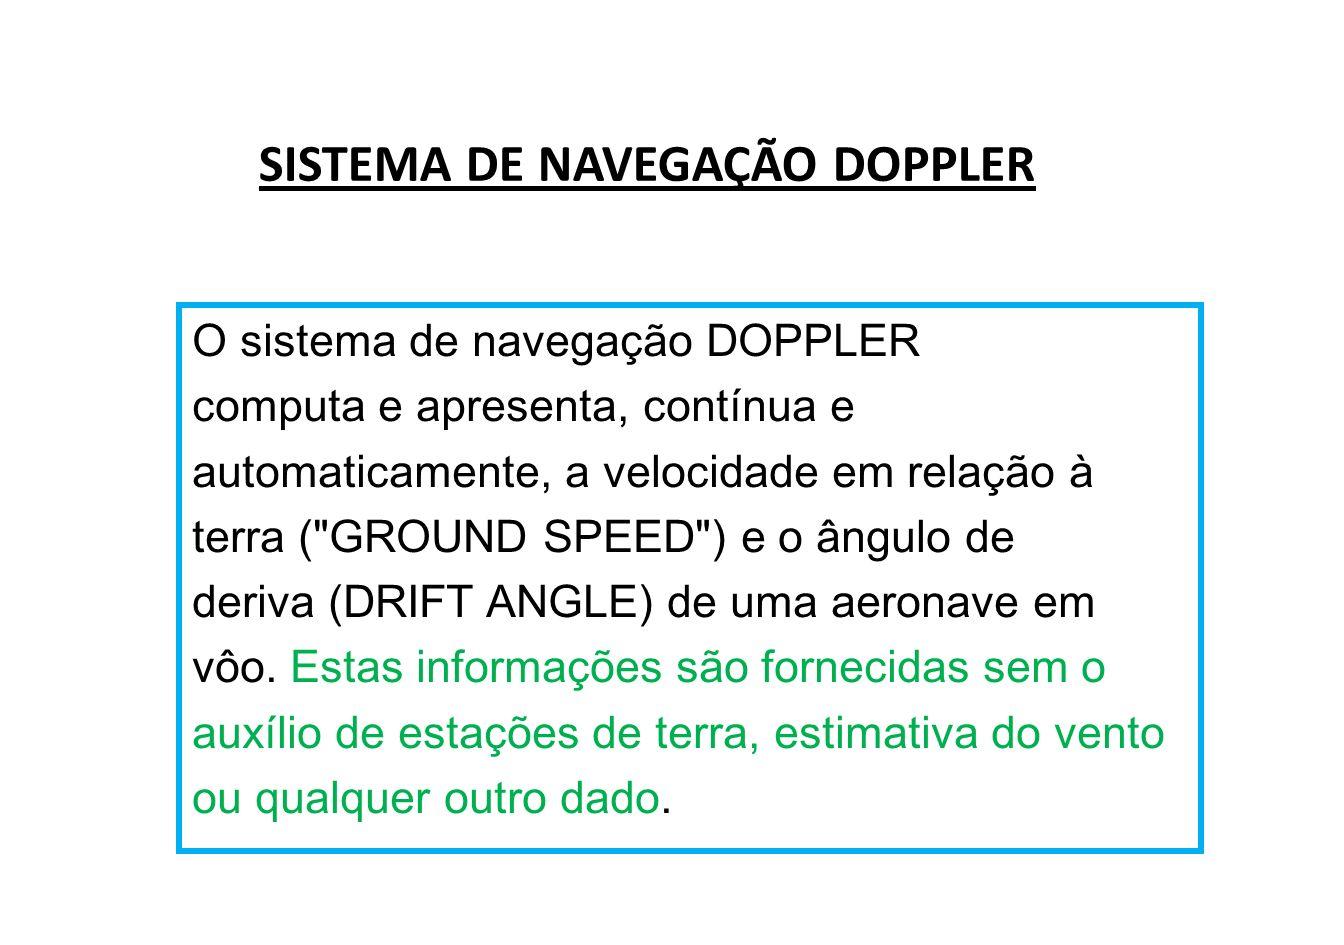 O sistema DOPPLER da aeronave emite feixes concentrados de energia eletromagnética numa determinada frequência.